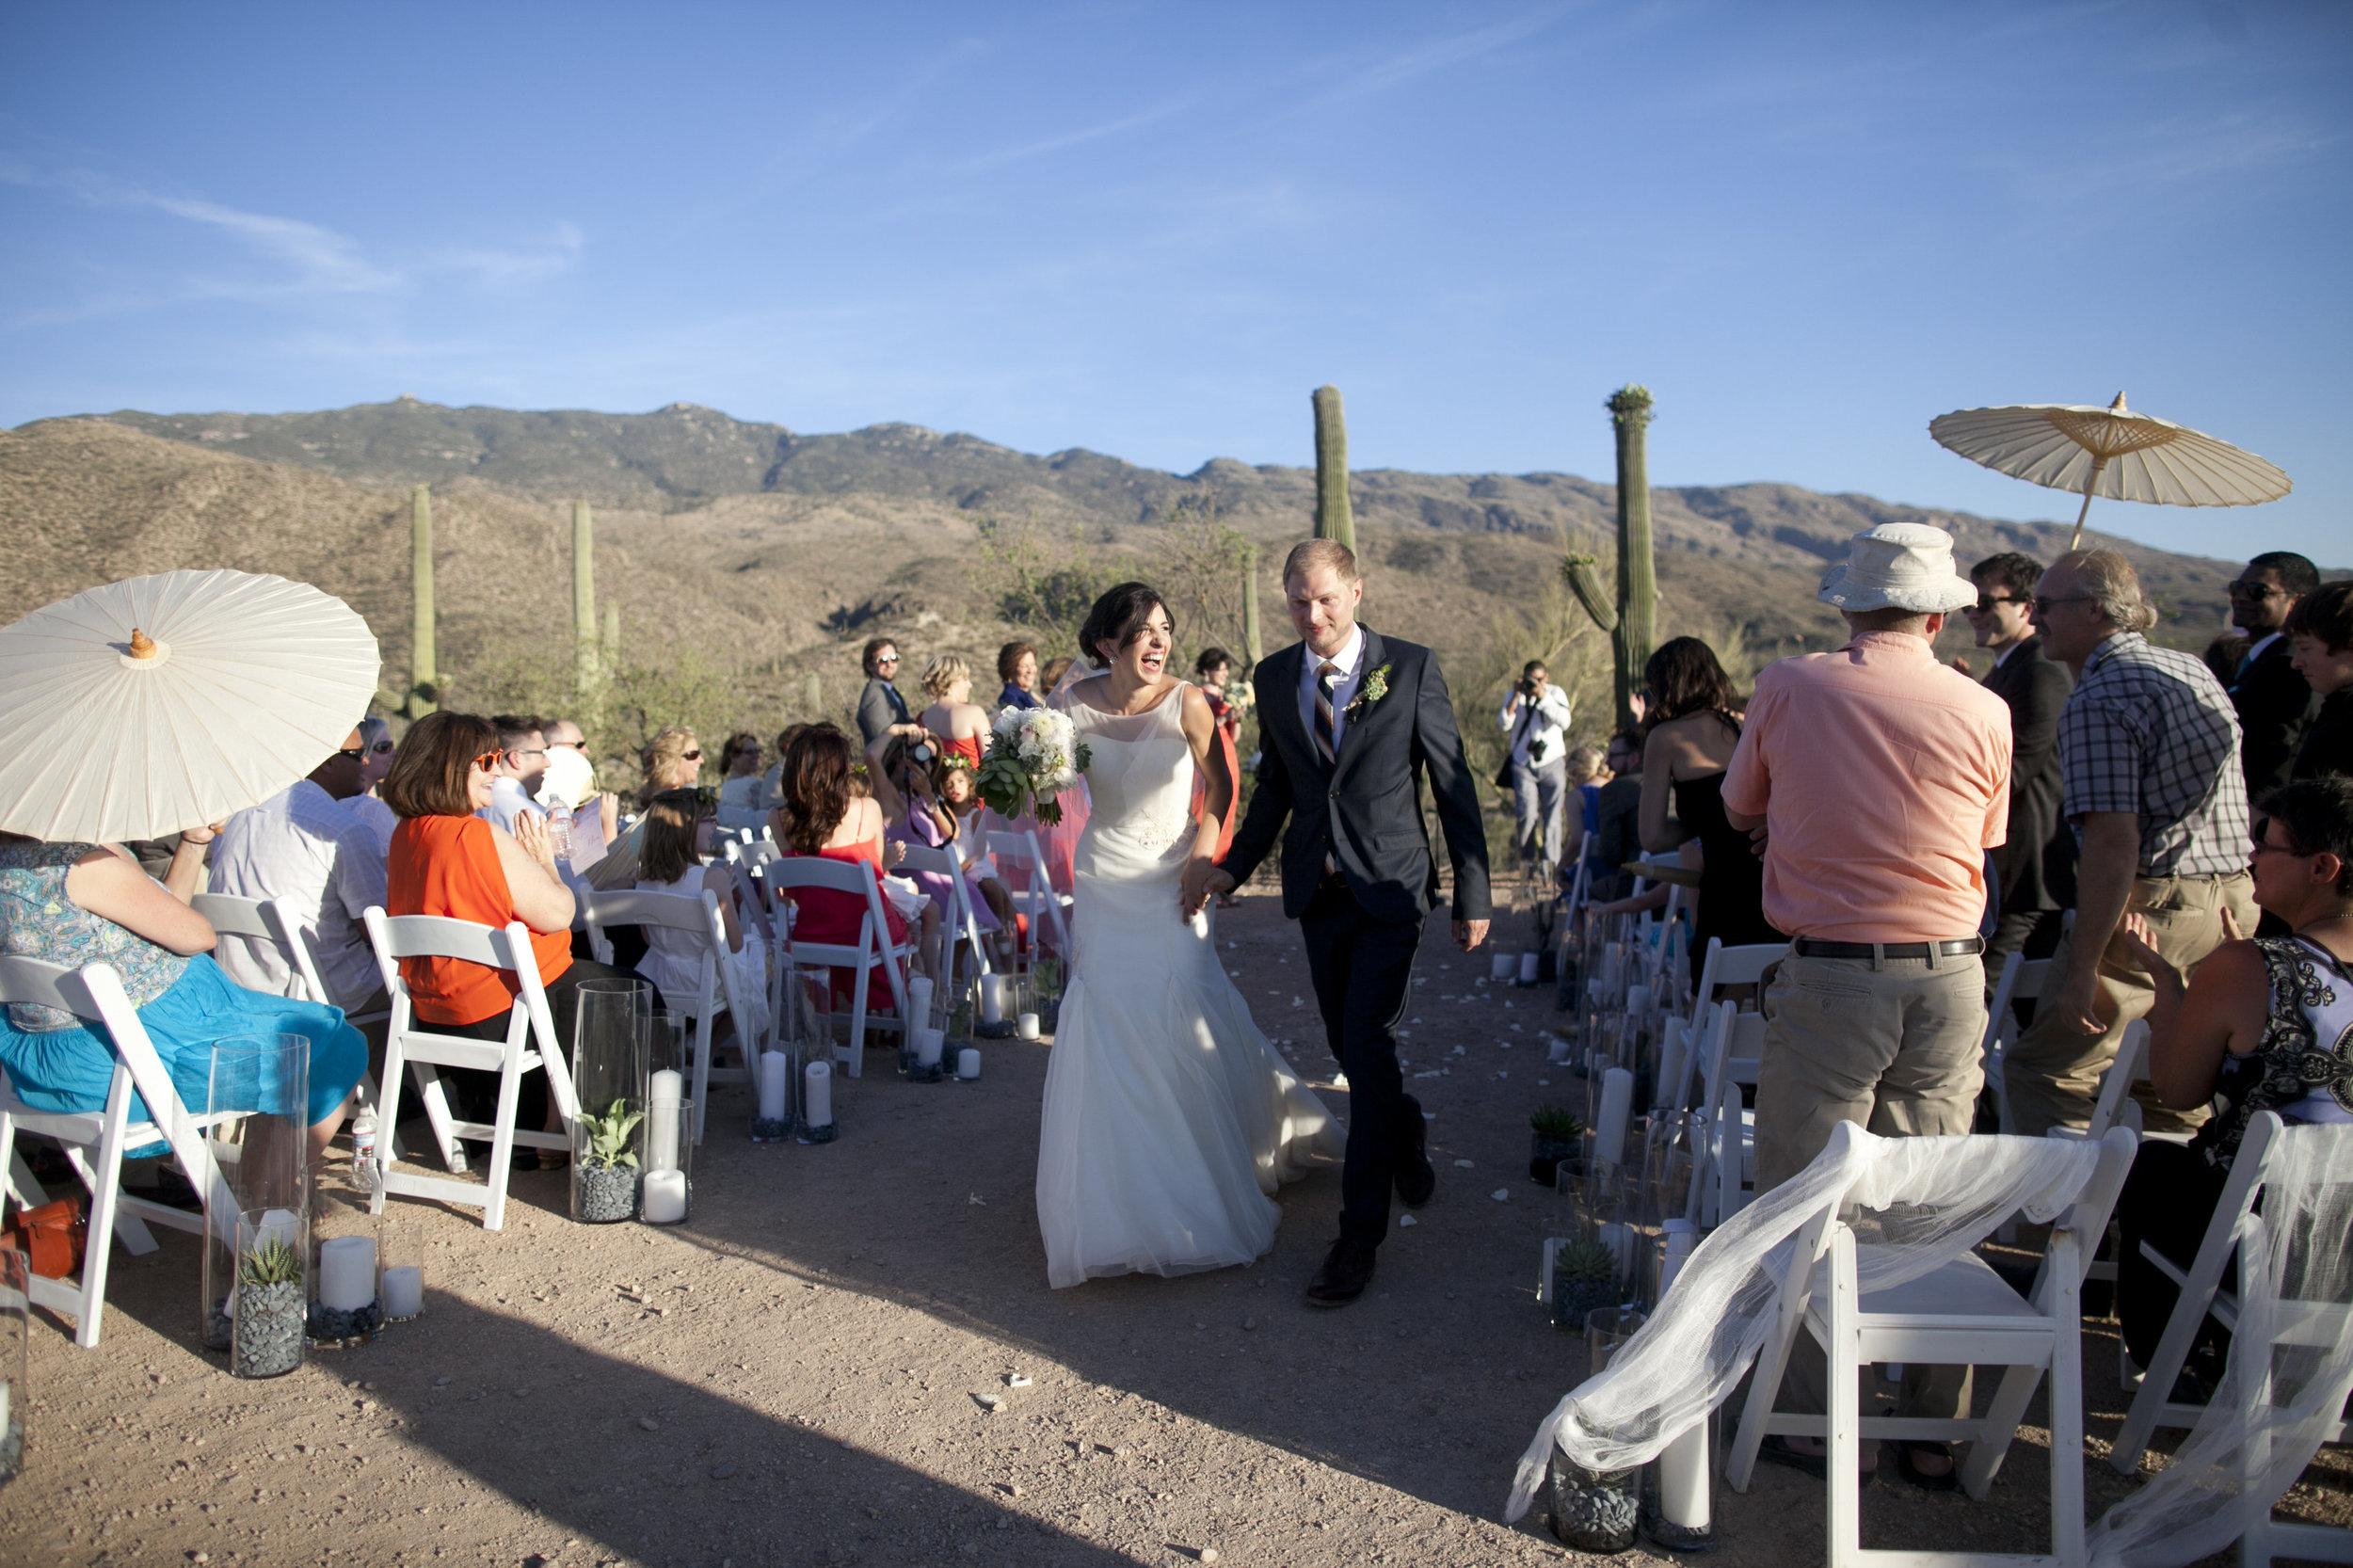 Ceci_New_York_Ceci_Style_Ceci_Johnson_Luxury_Lifestyle_Arizona_Wedding_Watercolor_Inspiration_Design_Custom_Couture_Personalized_Invitations_131.jpg